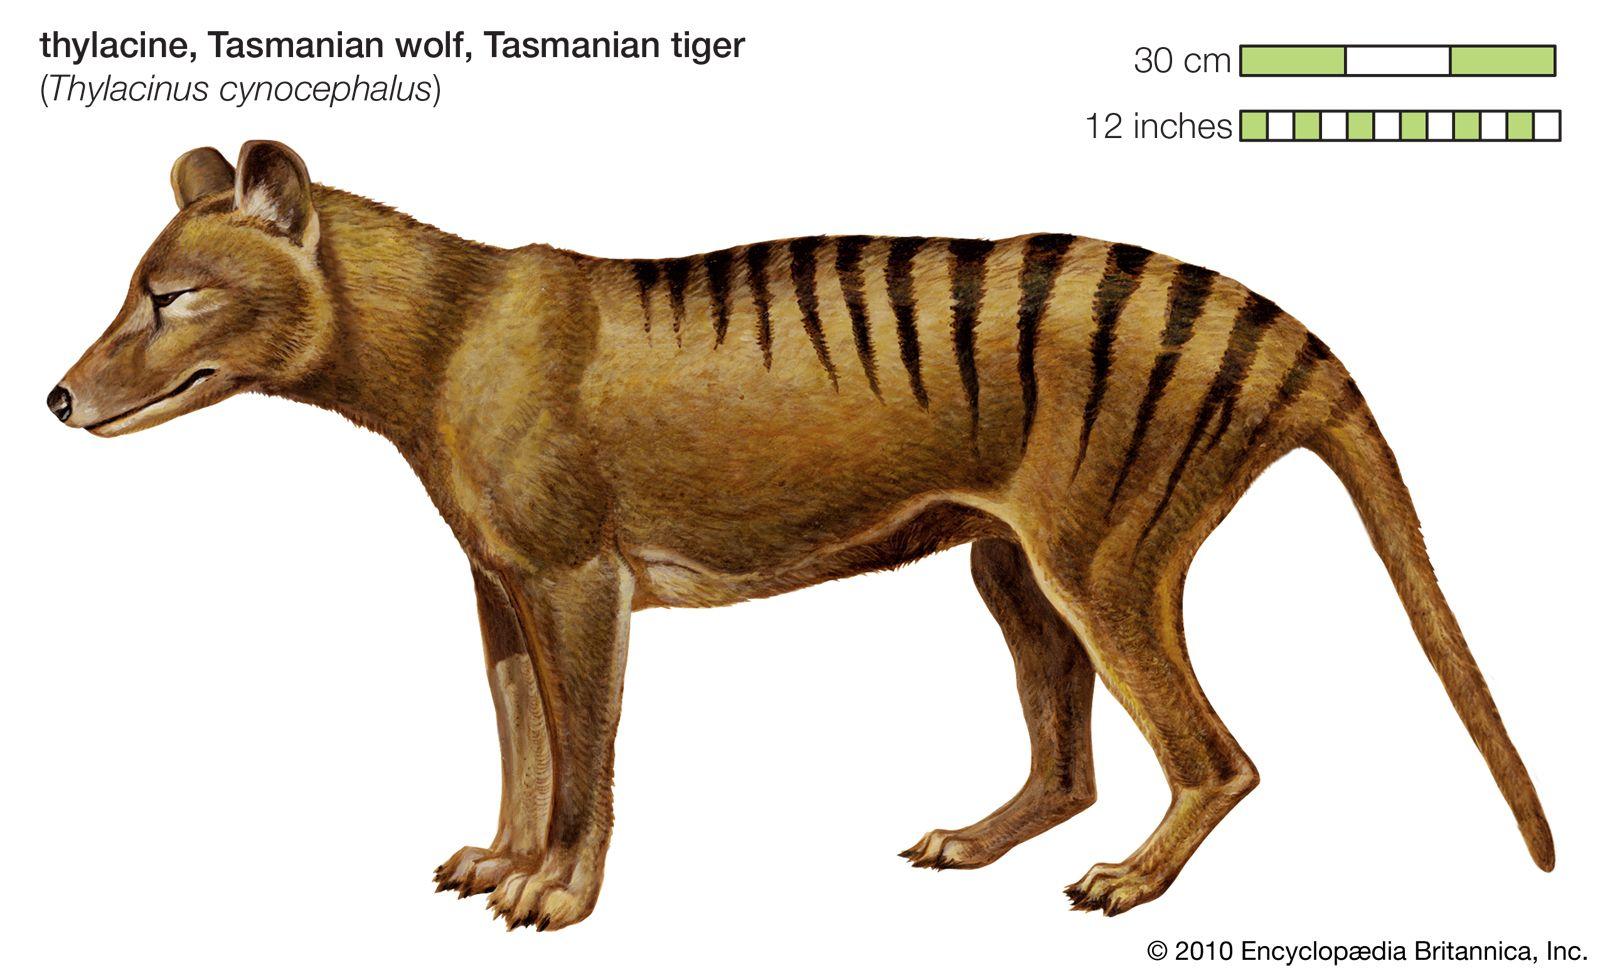 Thylacine Artist's rendering of a thylacine. Credit